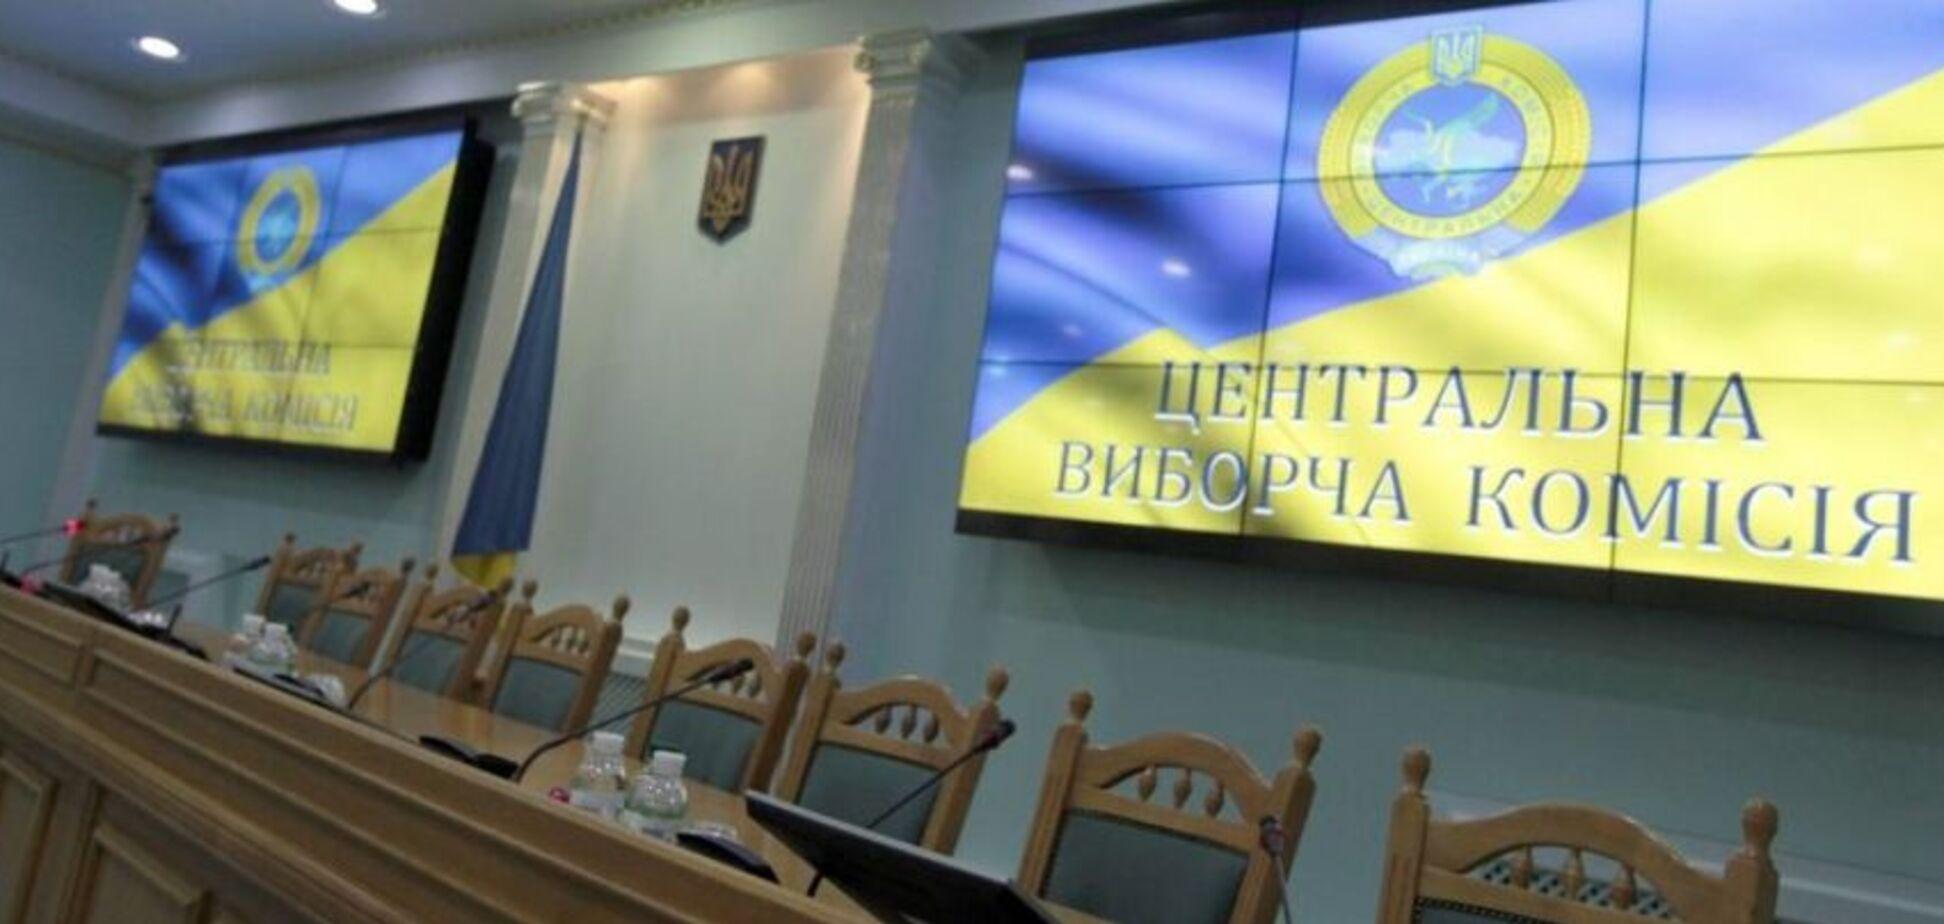 'Слуги народа': названы главные претенденты на должность главы ЦИК